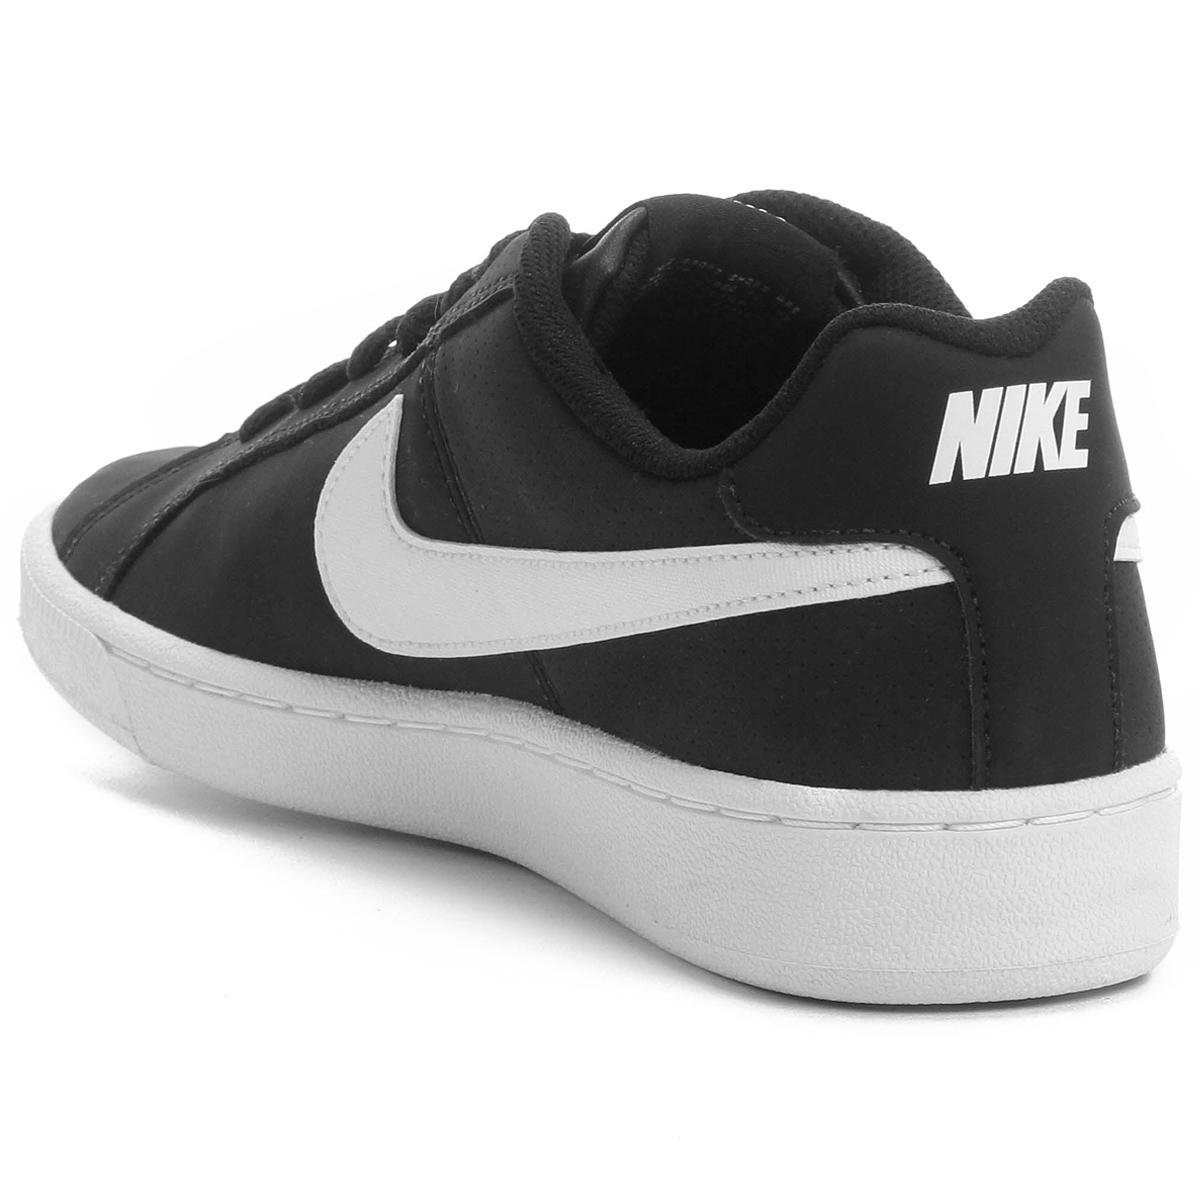 Tênis Couro Nike Court Royale Feminino - Branco e Preto - Compre ... e51e7c0be7a82